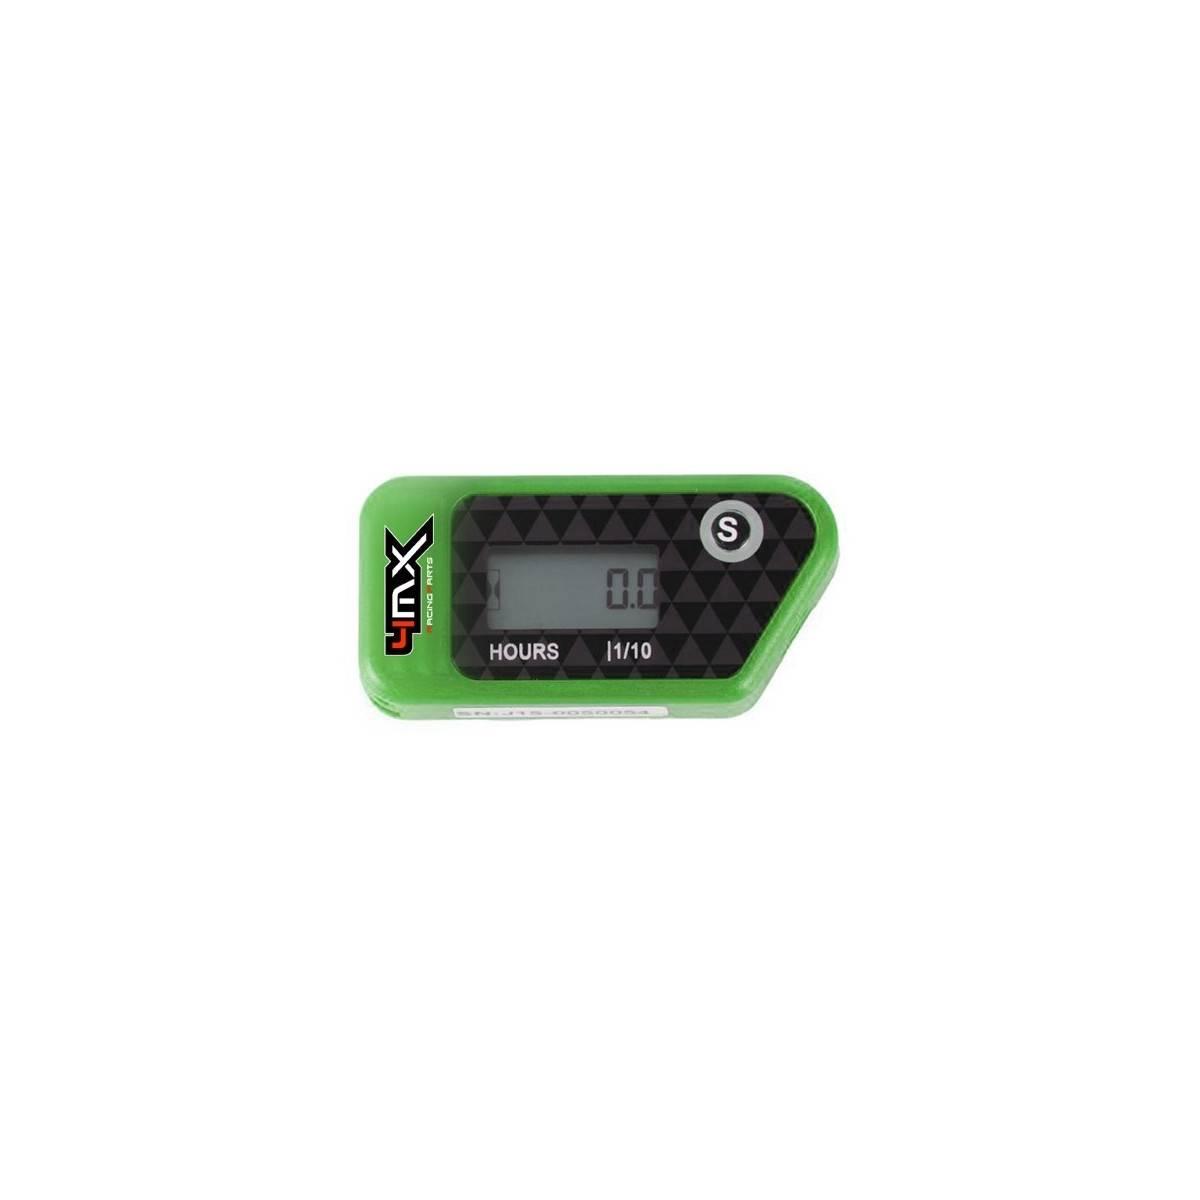 4MXWHM-VE - Reloj Cuenta Horas 4Mx Vibracion Verde